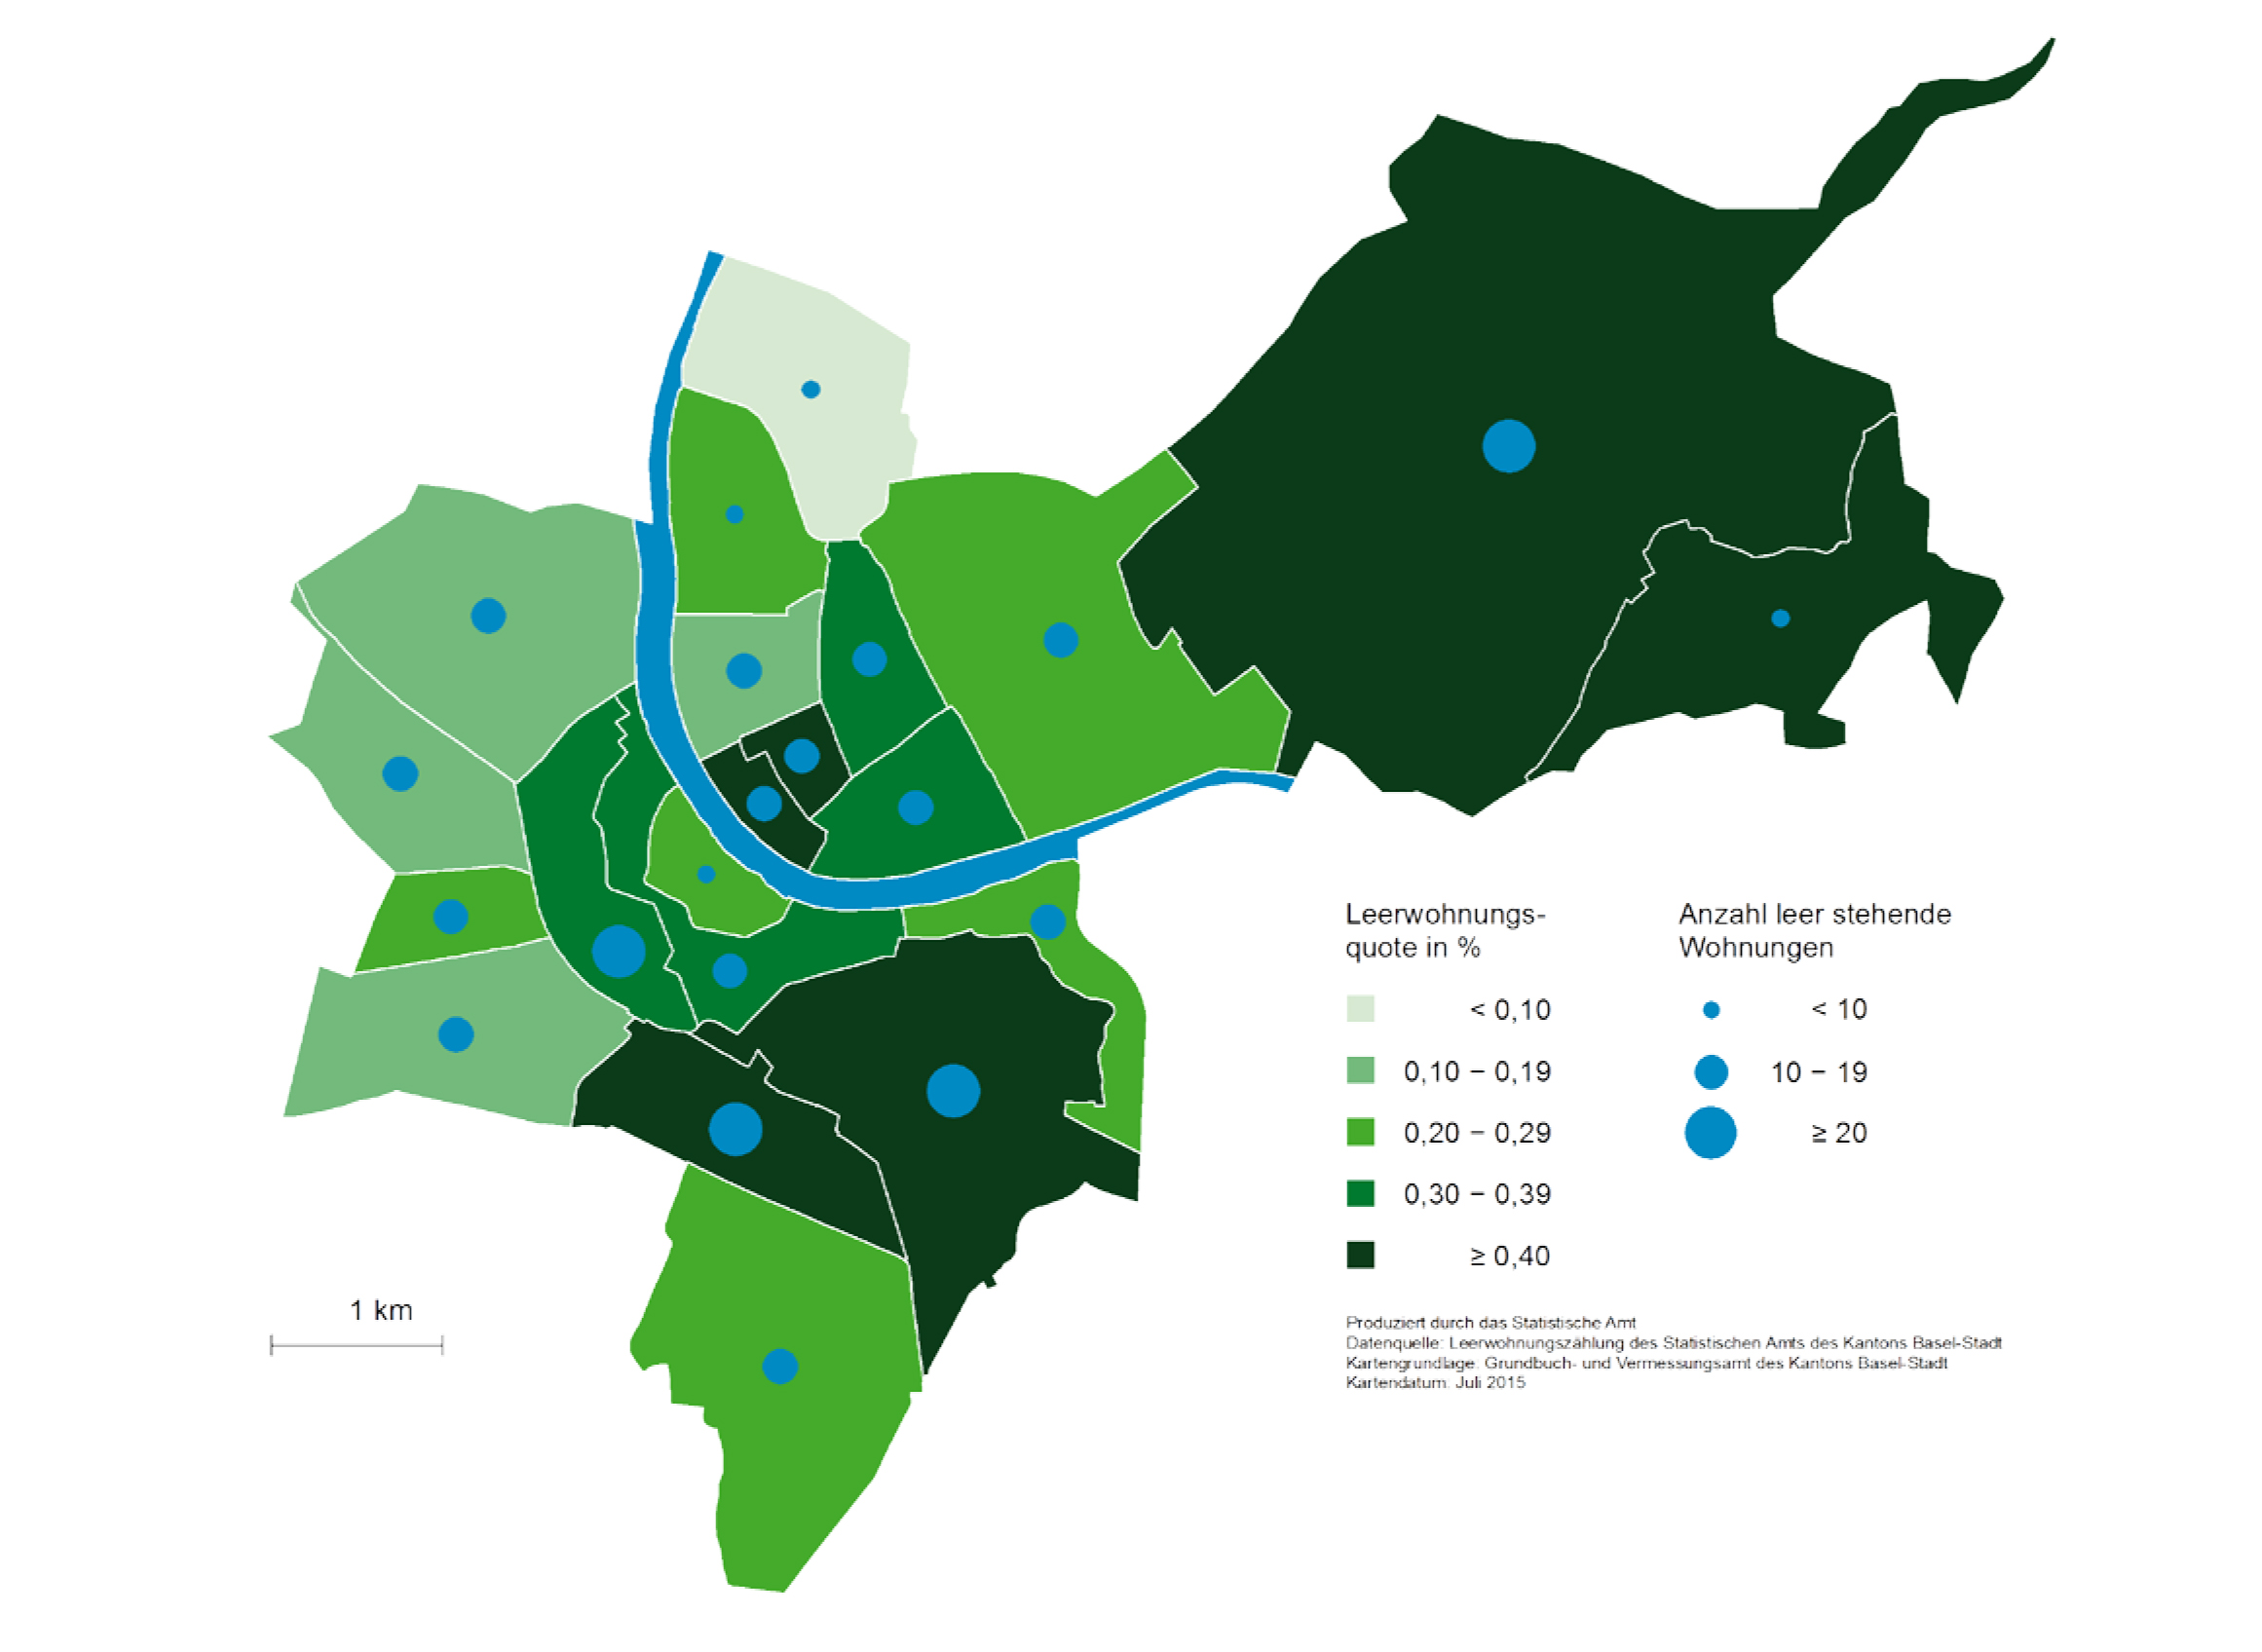 In Kleinbasel lag die Leerstandsquote per 1. Juni 2015 bei 0,3 Prozent, in Riehen und Bettingen bei 0,6.